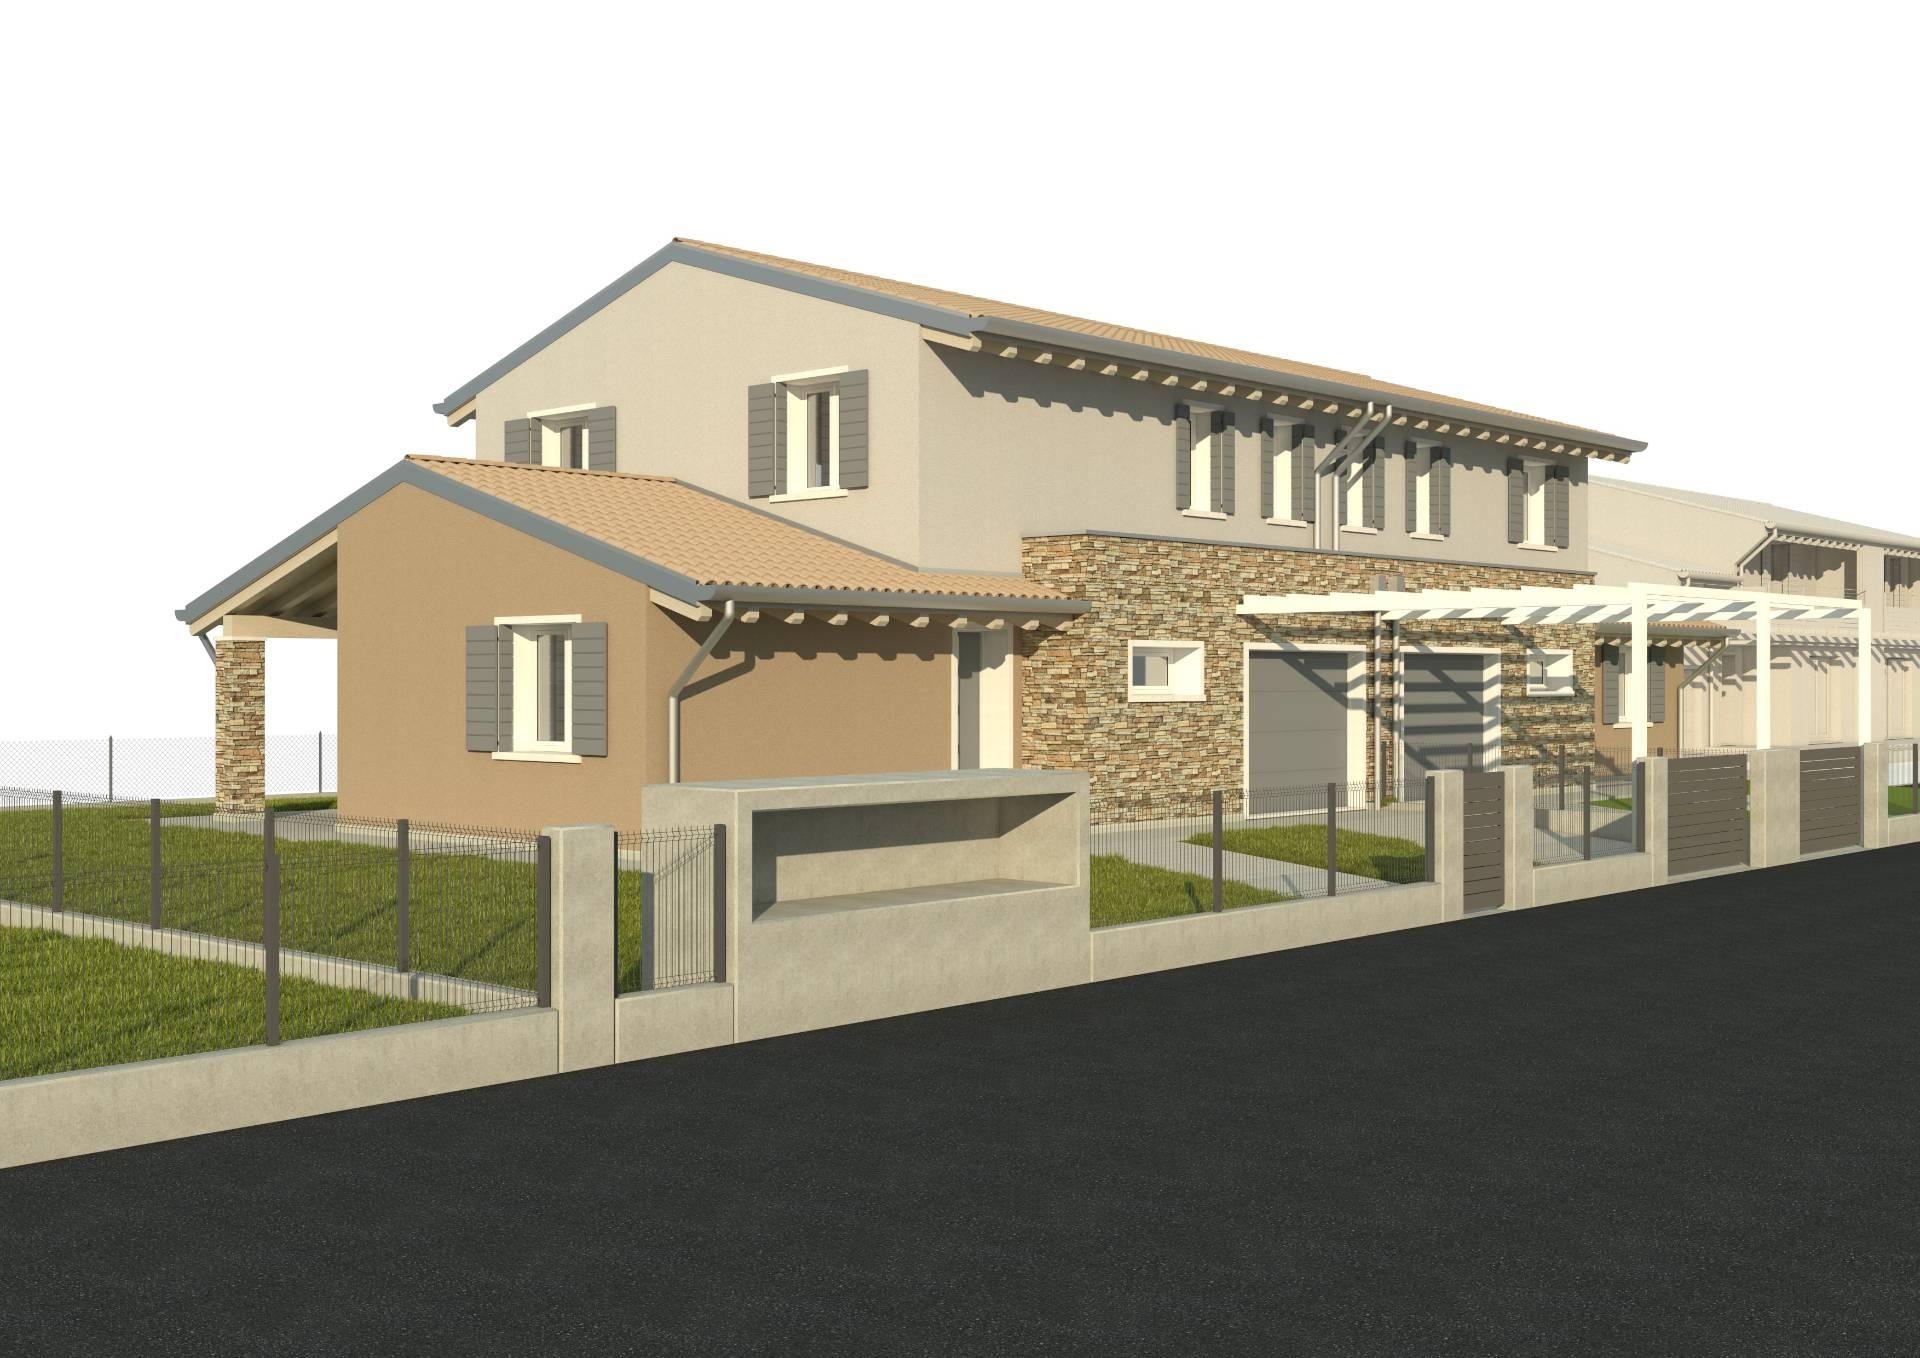 vendita villa a schiera ponzano veneto ponzano  345000 euro  8 locali  212 mq